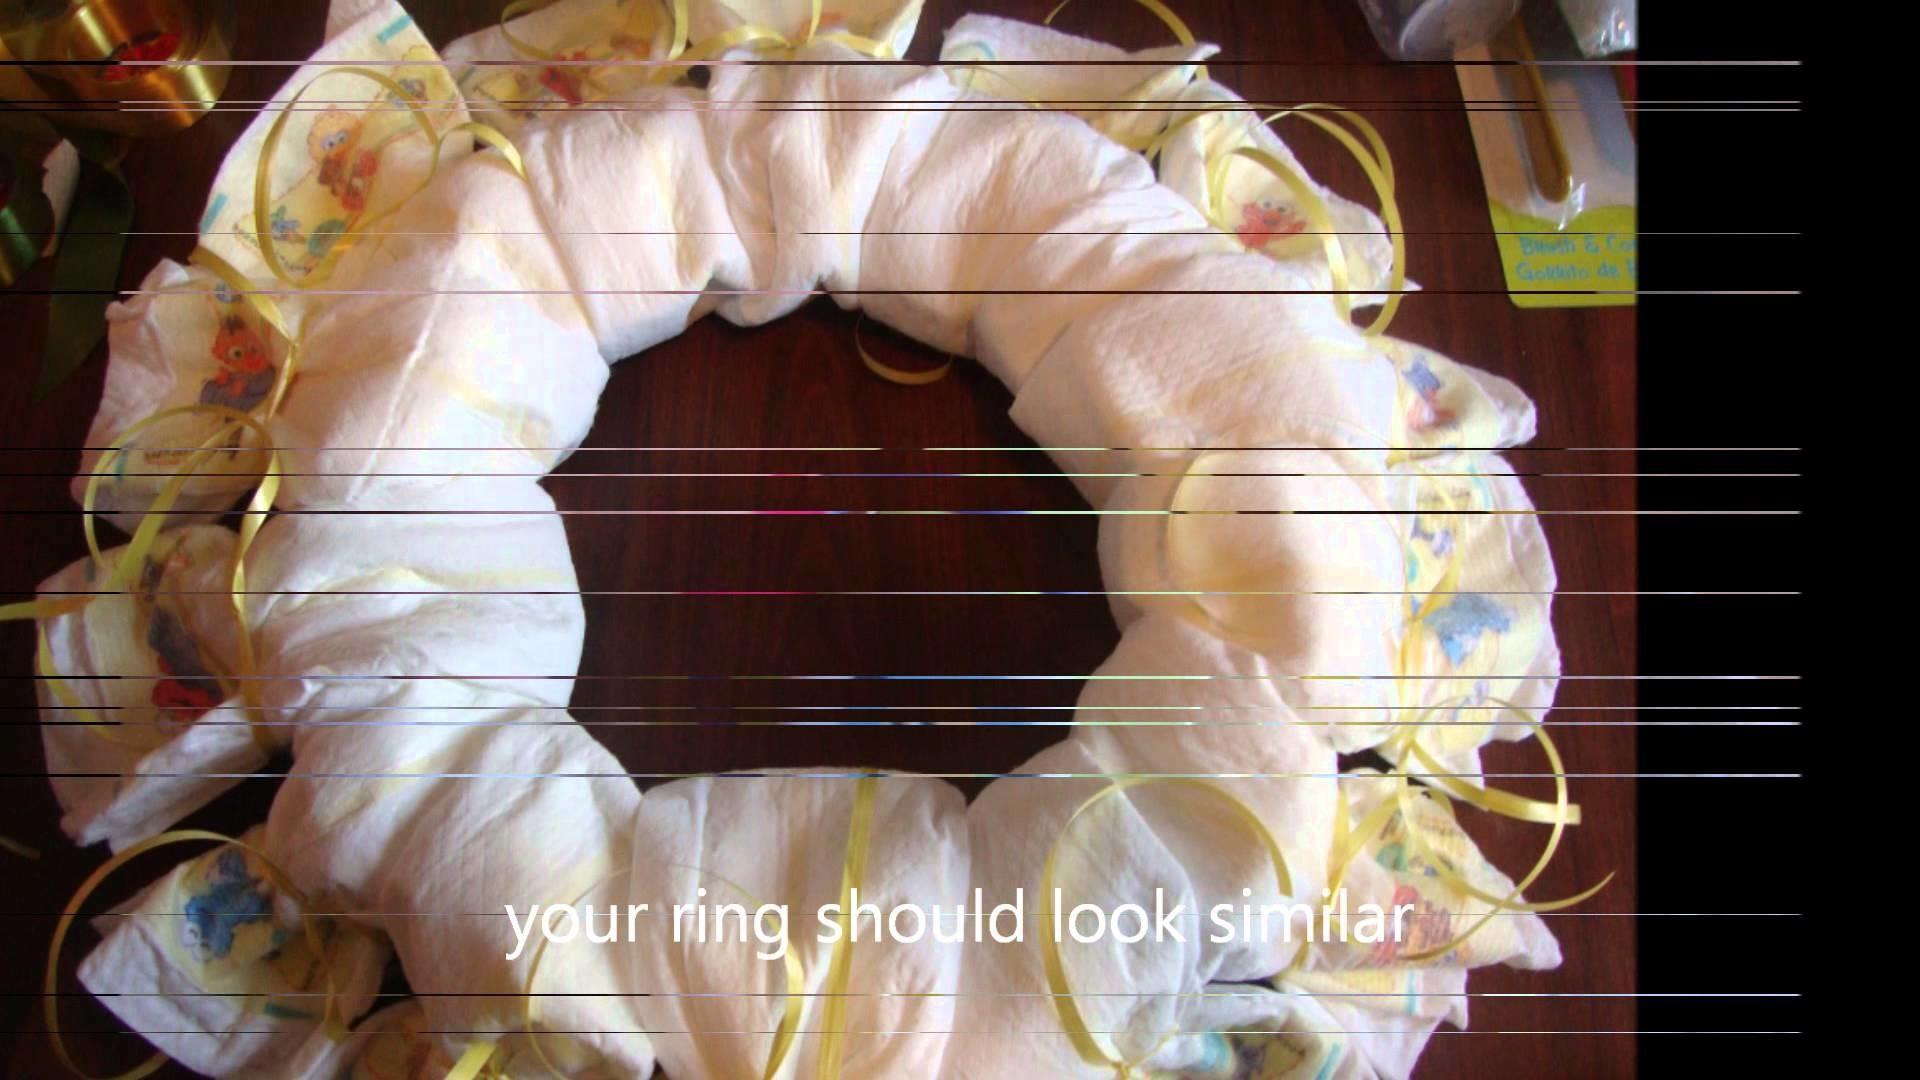 DIY-BABY GIFT-DIAPER WREATH